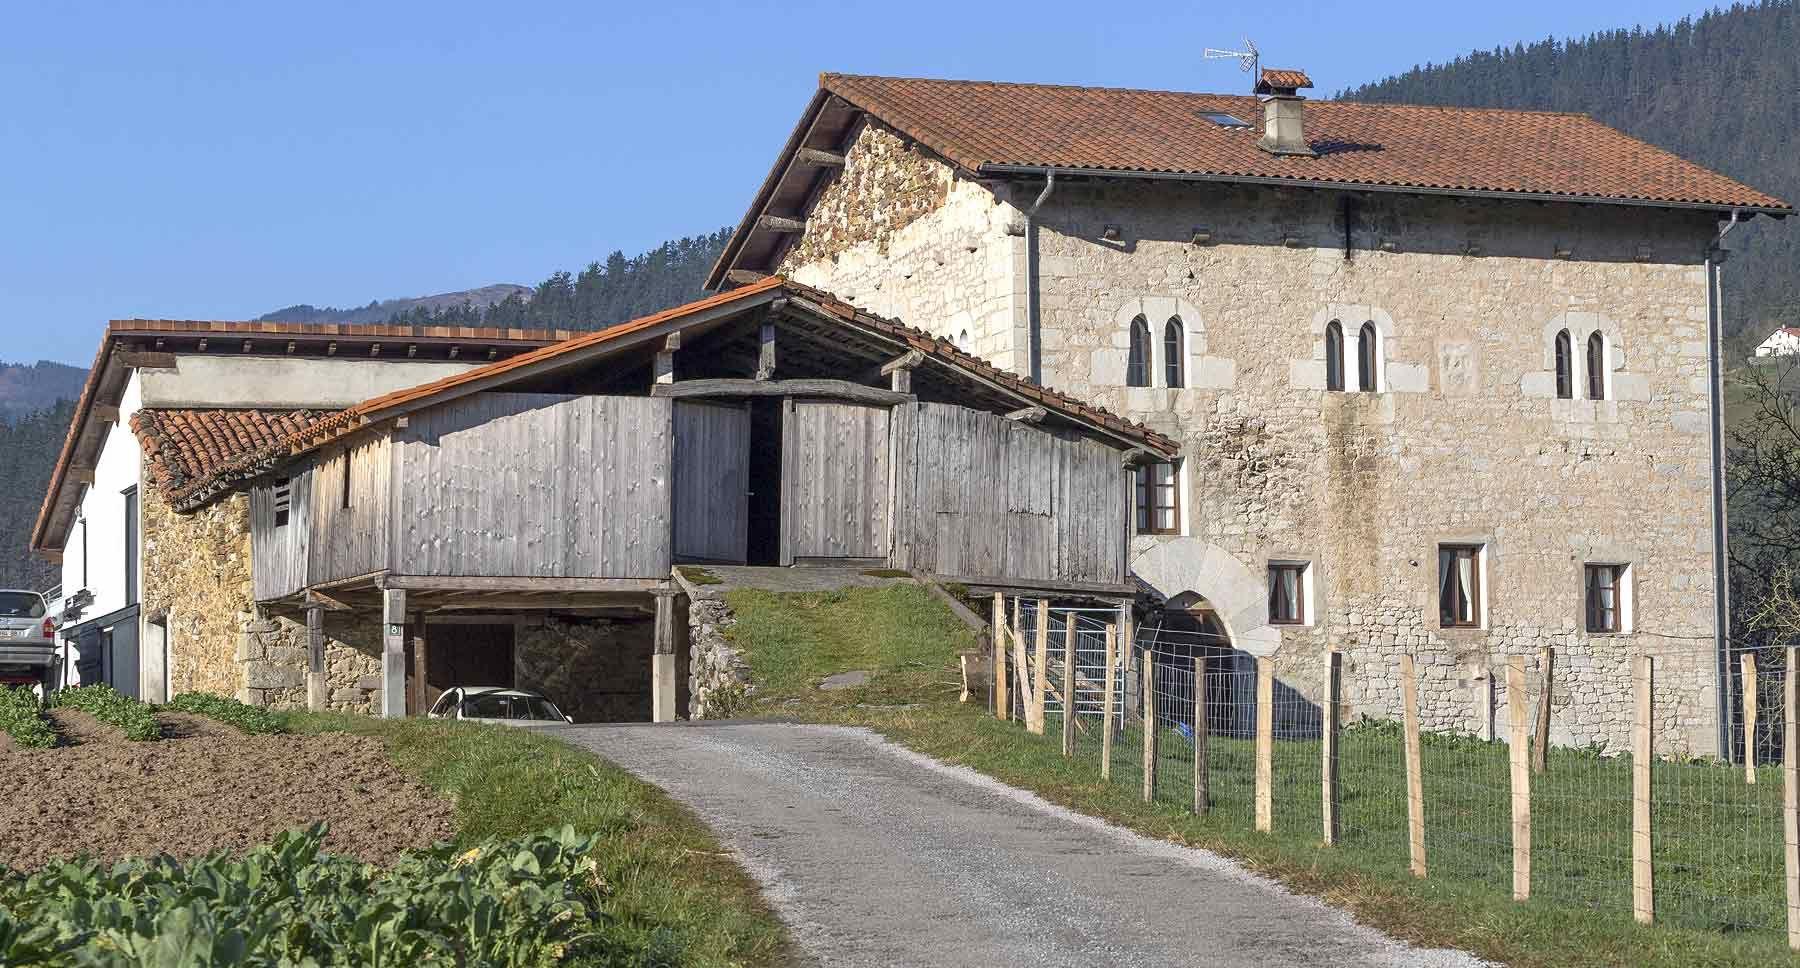 Torre zabala elgoibar edificios singulares de gipuzkoa for 1800 piani di casa sf